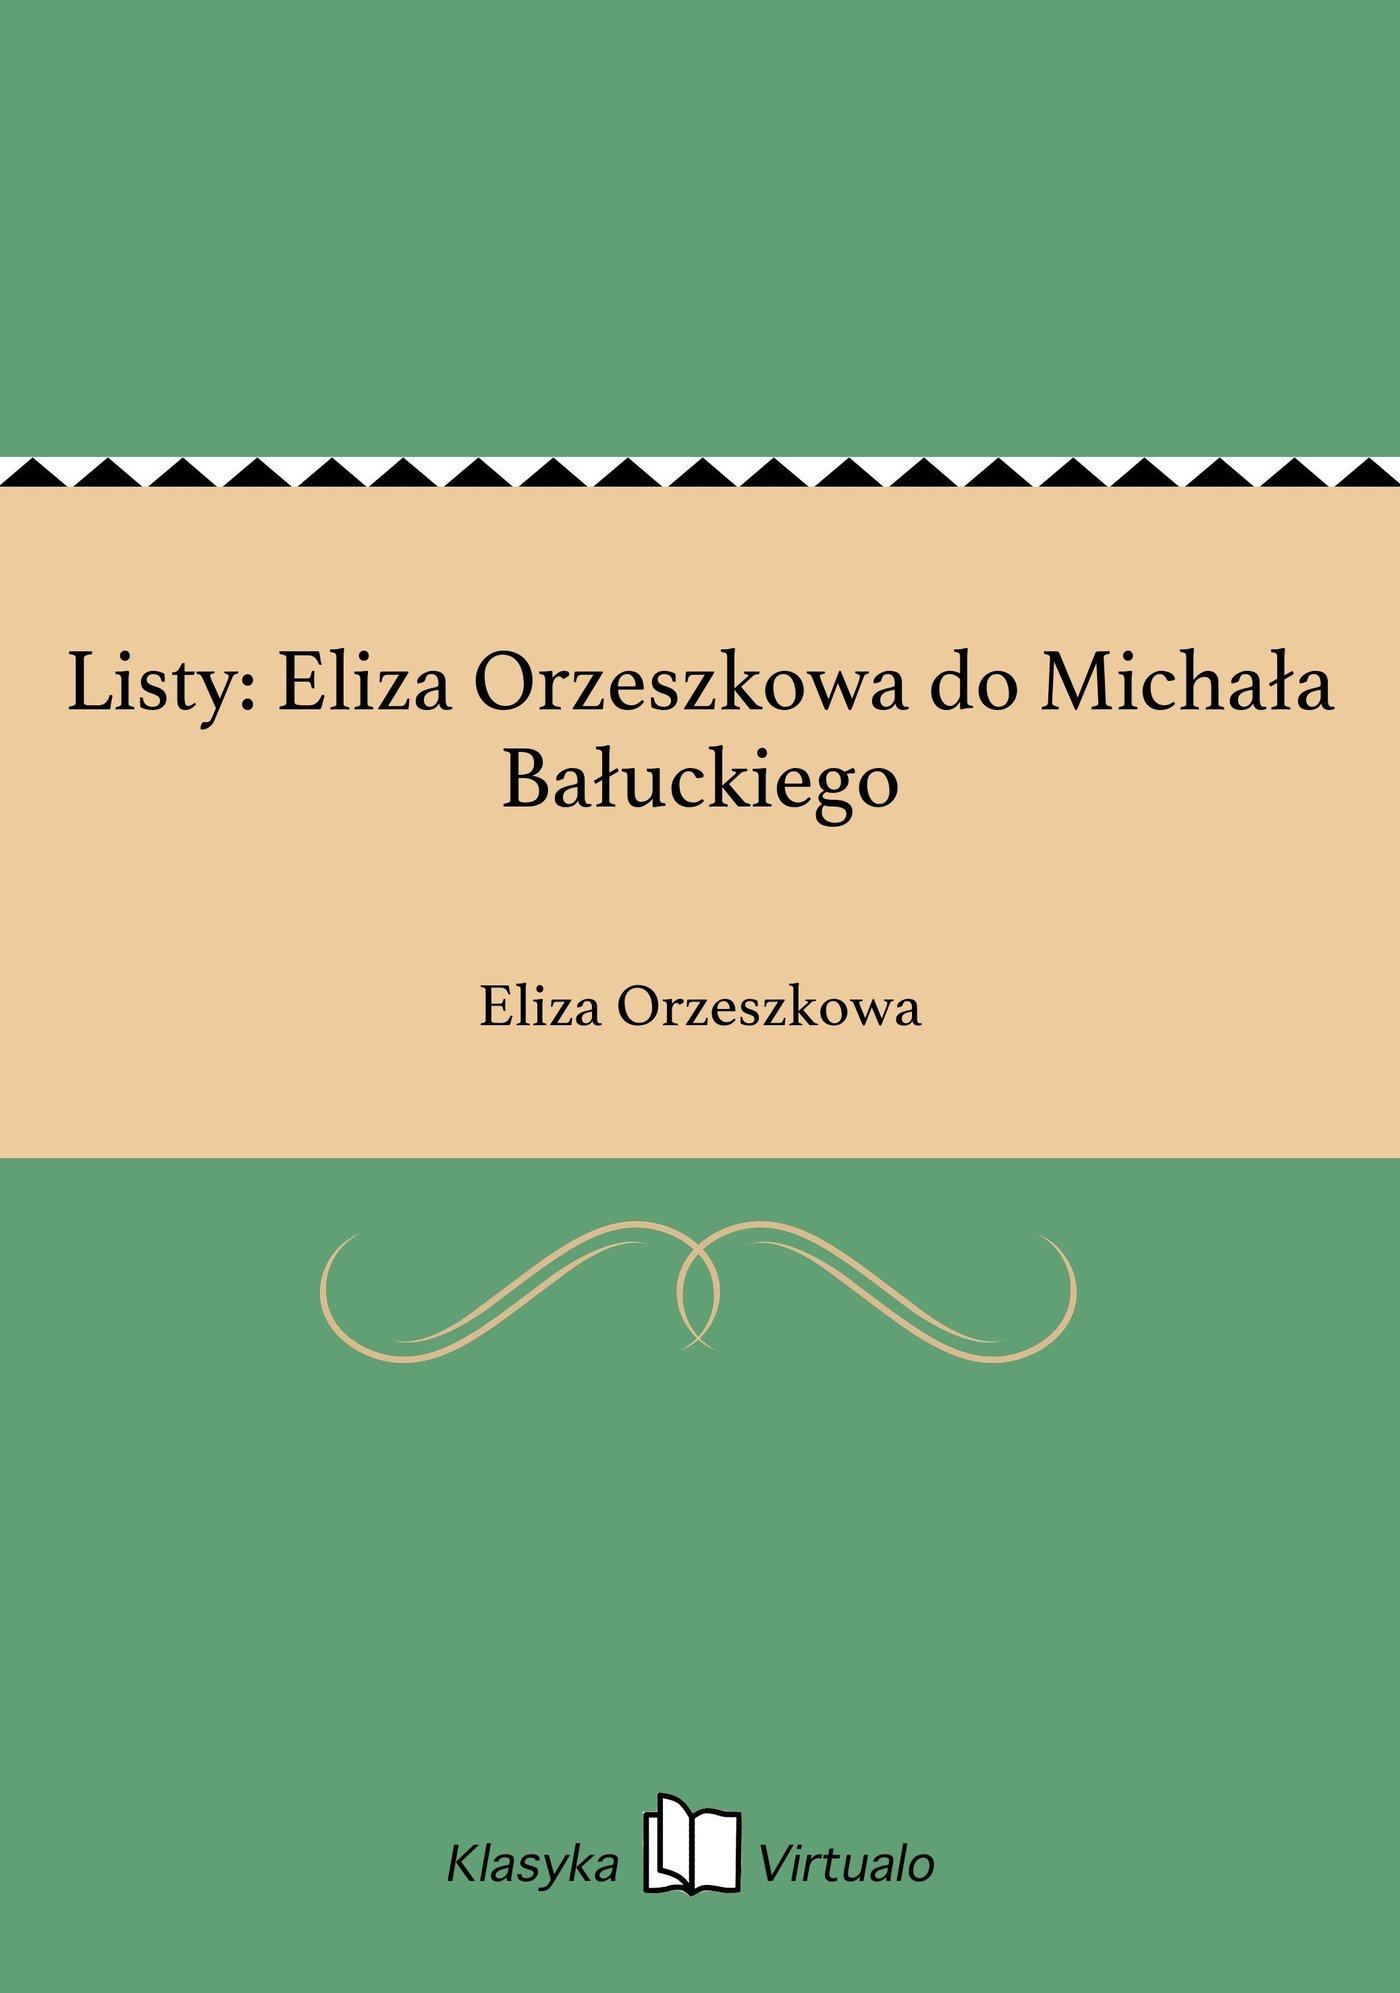 Listy: Eliza Orzeszkowa do Michała Bałuckiego - Ebook (Książka EPUB) do pobrania w formacie EPUB